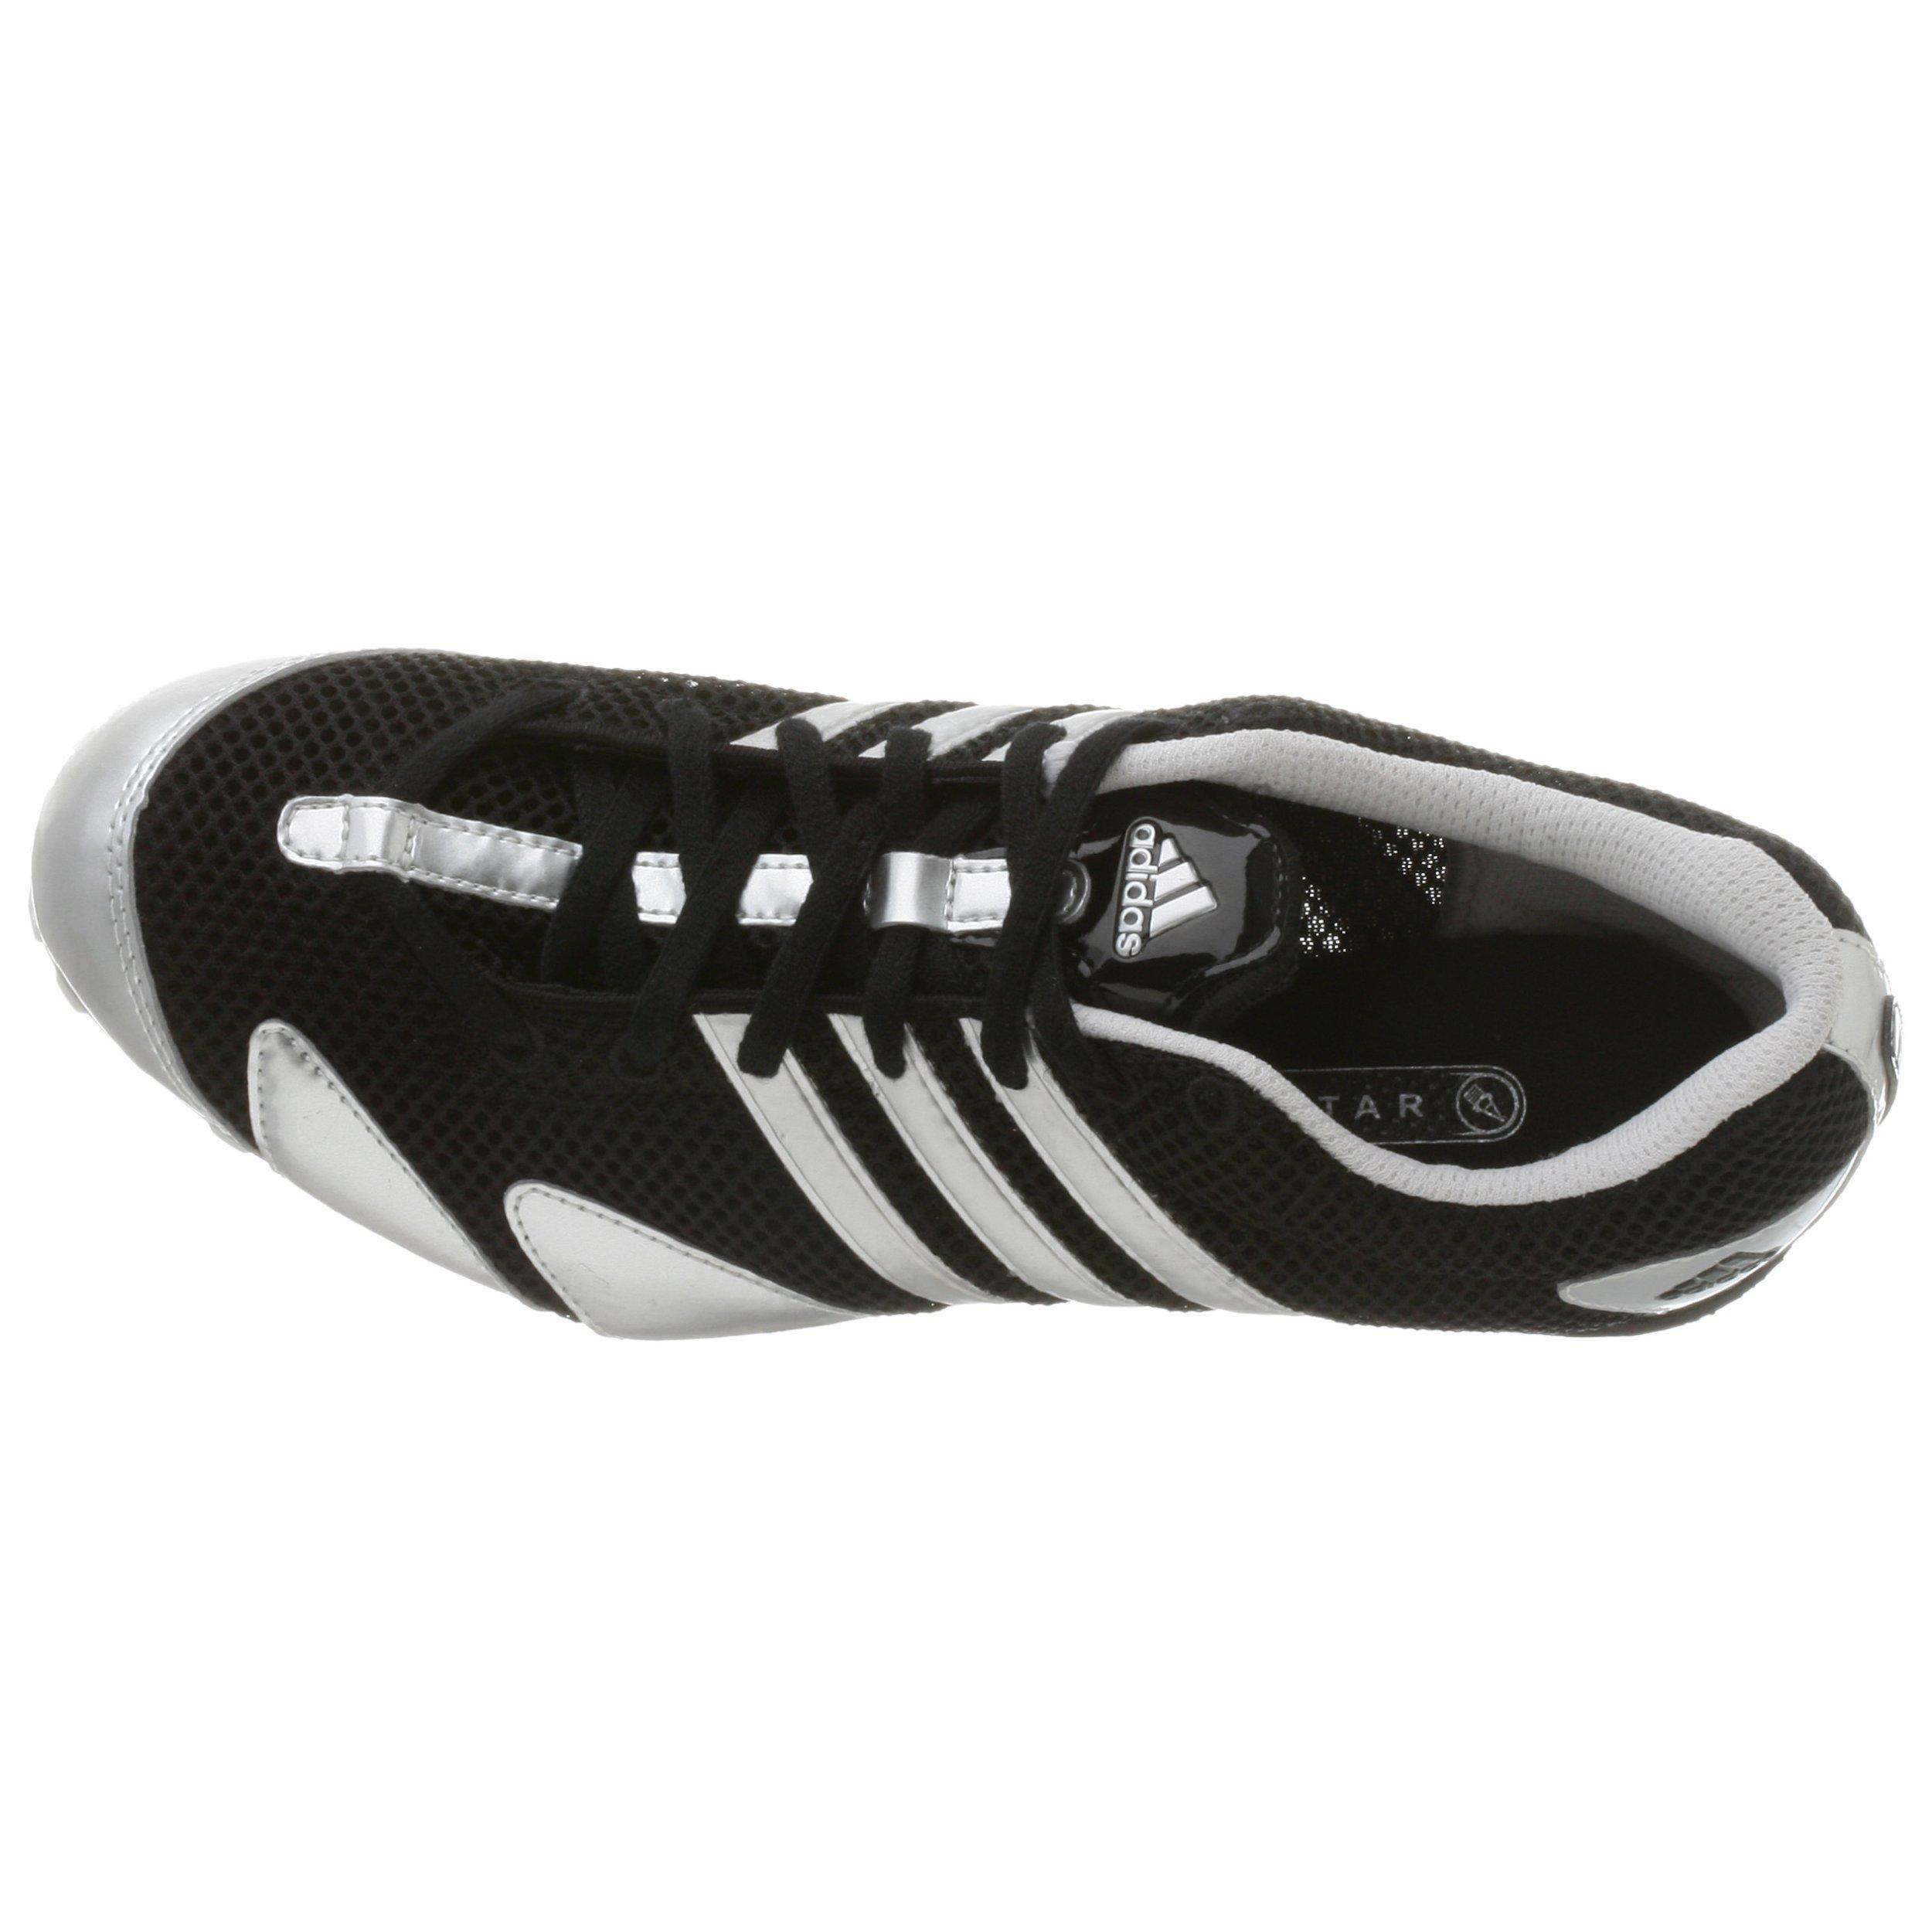 adidas Men's Cosmos 07 Track Shoe,Black/Metsilver/Blk,7.5 M by adidas (Image #8)